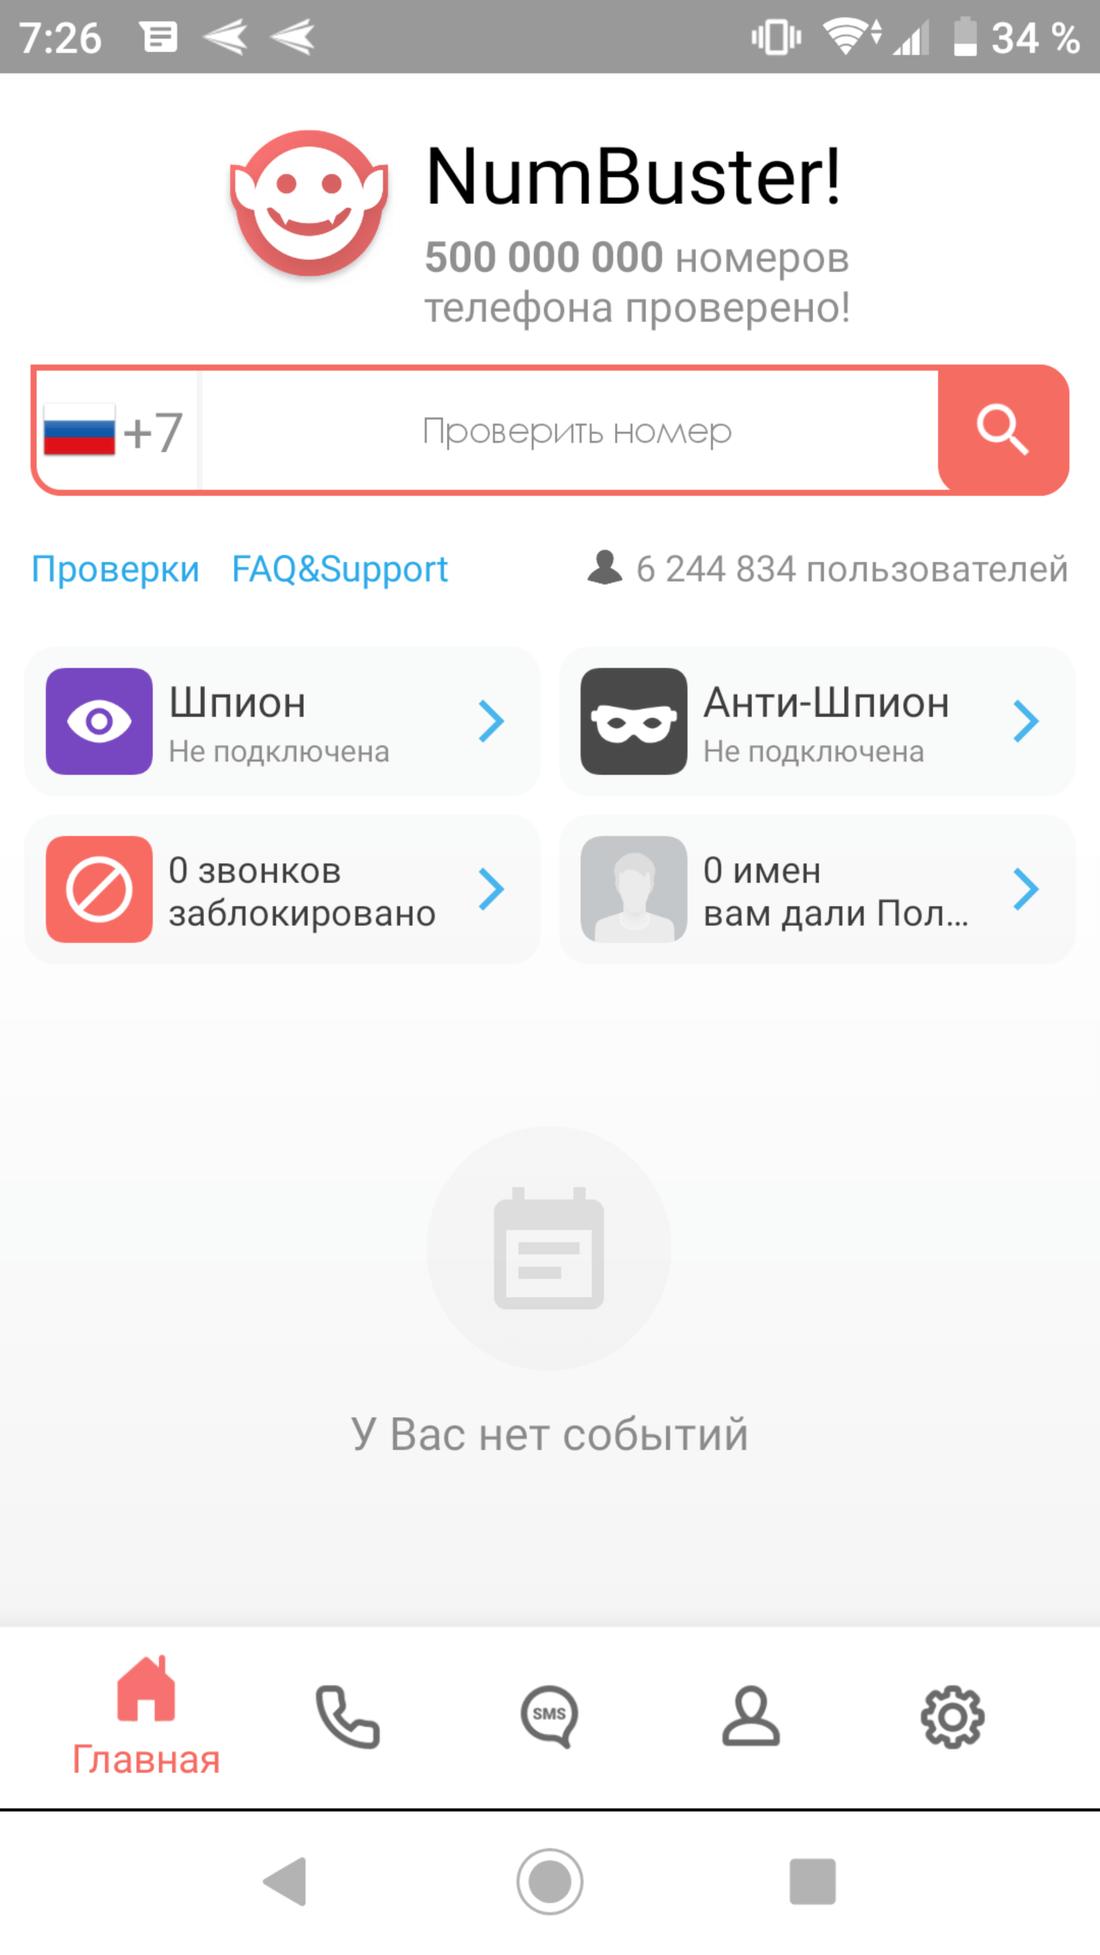 Скриншот #5 из программы Кто Звонил - Numbuster